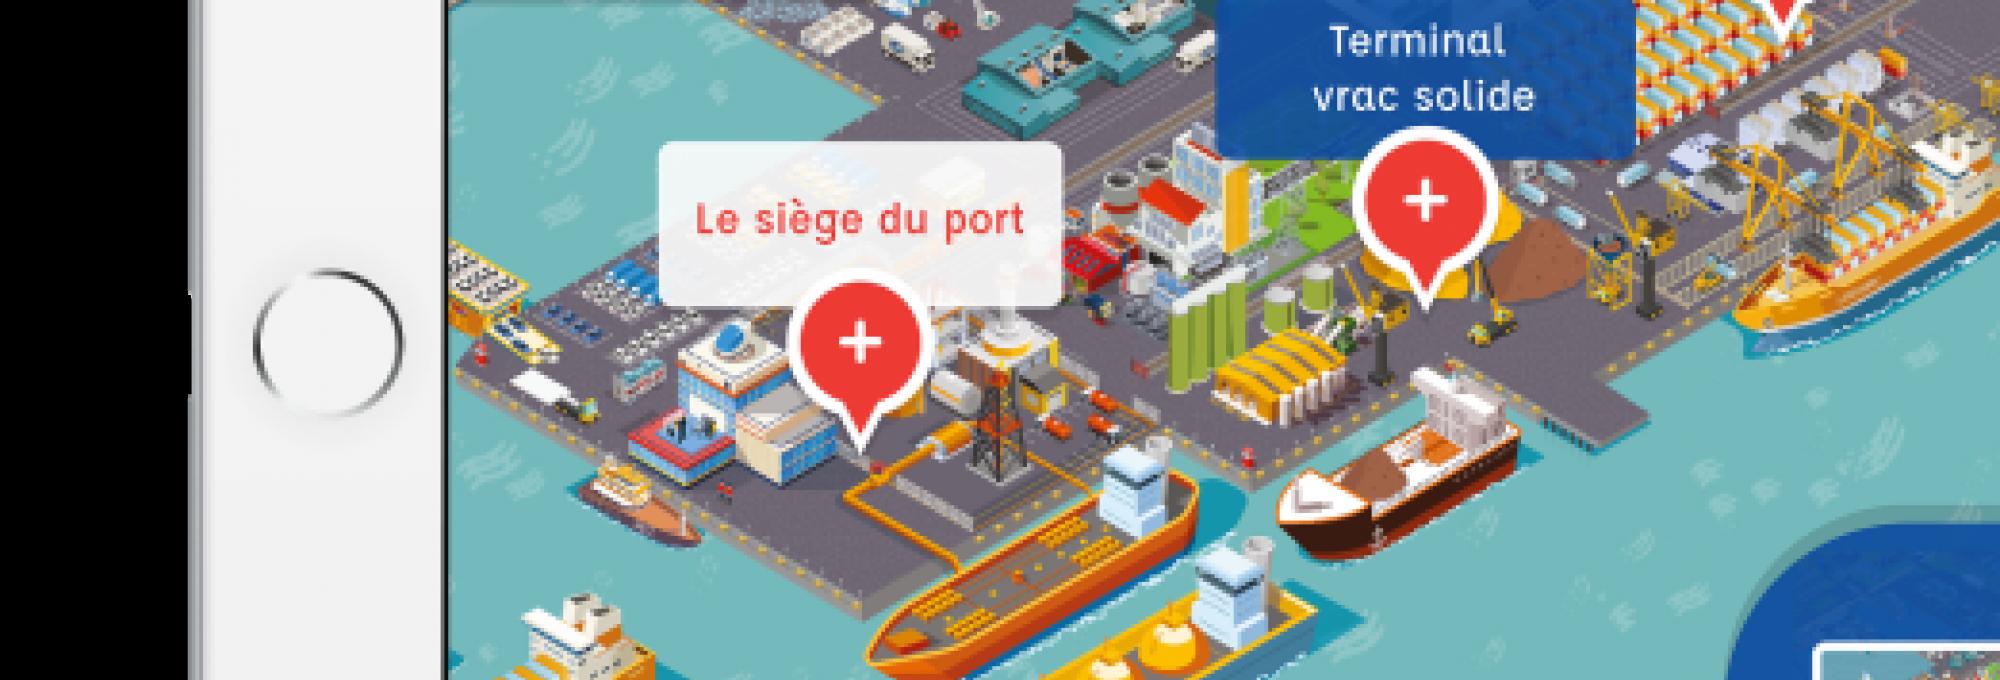 @Port - Explore l'univers portuaire